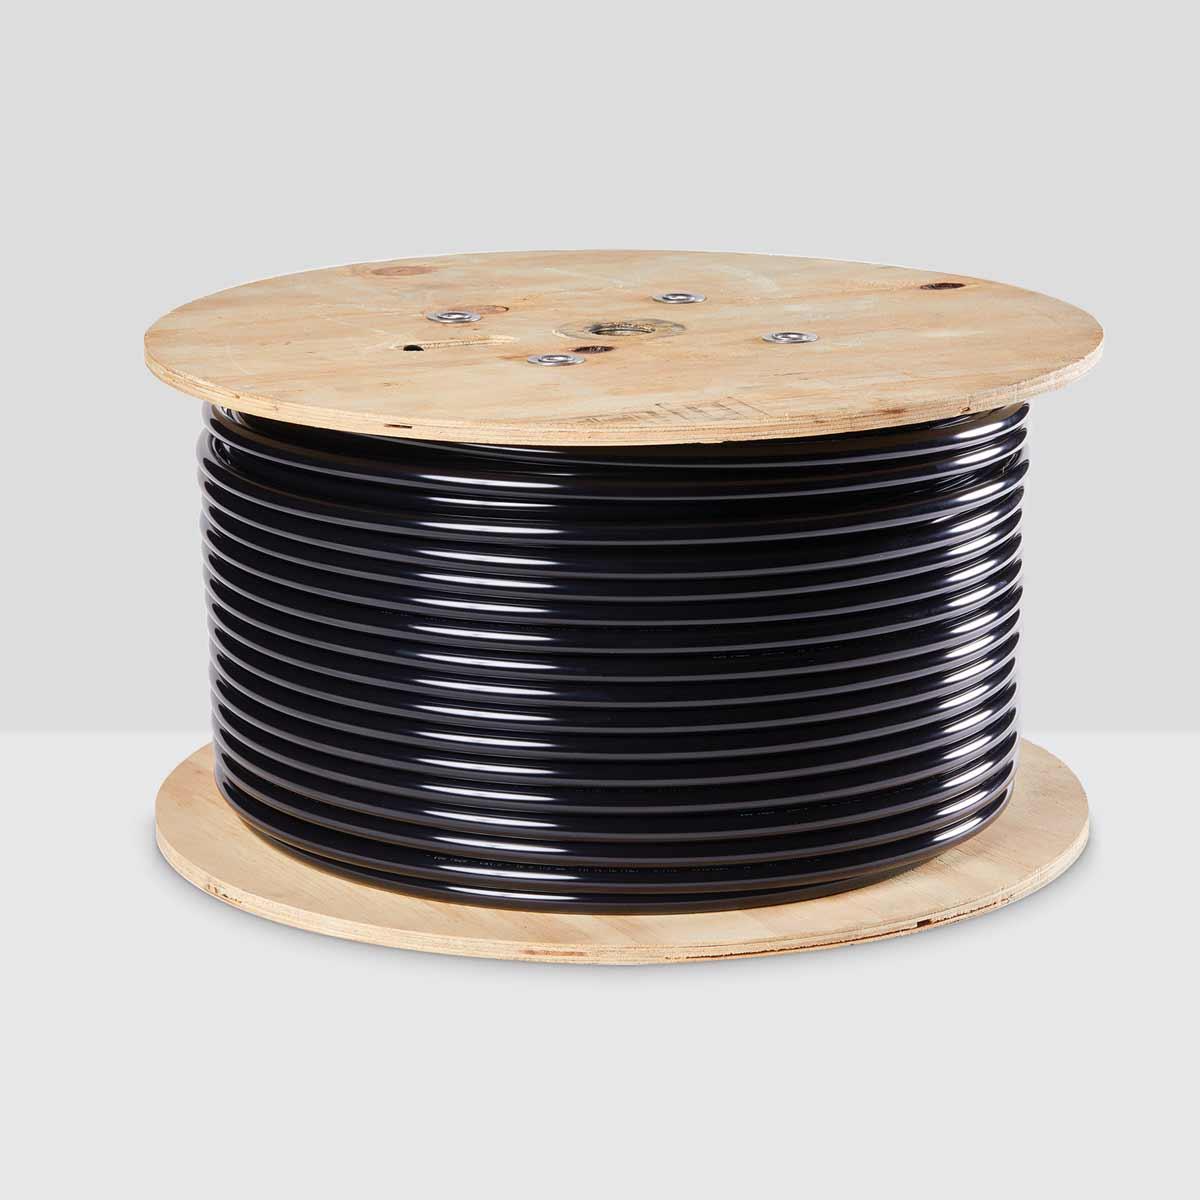 c-drum